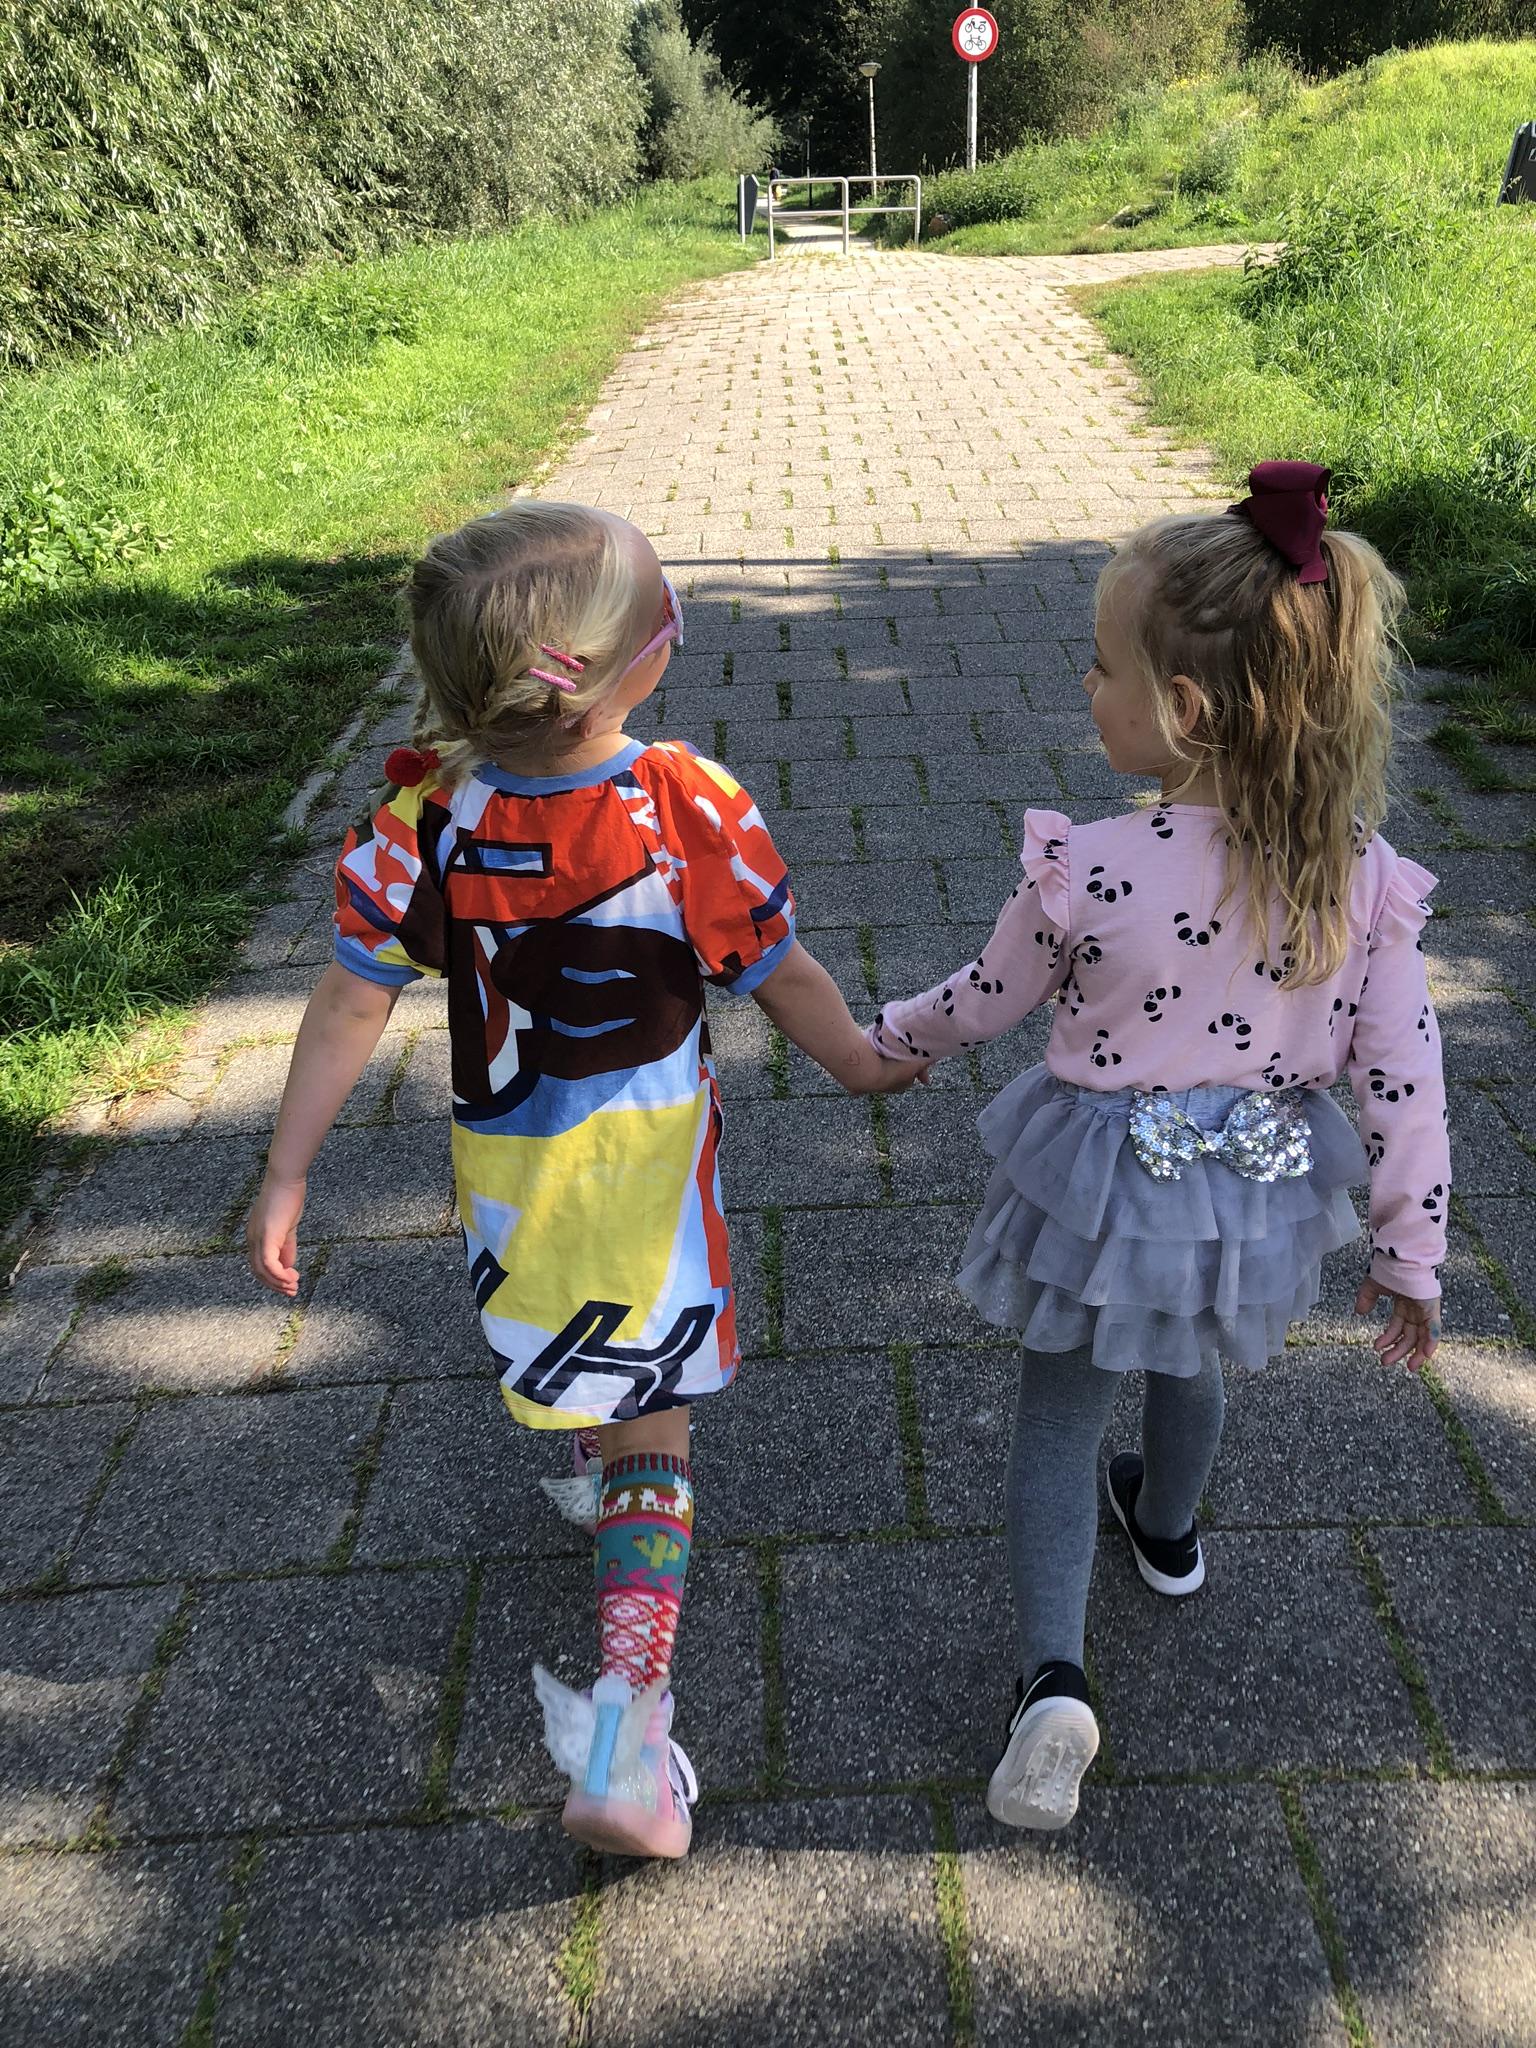 vriendschap, schoolpleinmoeders, schoolplein, klimrek